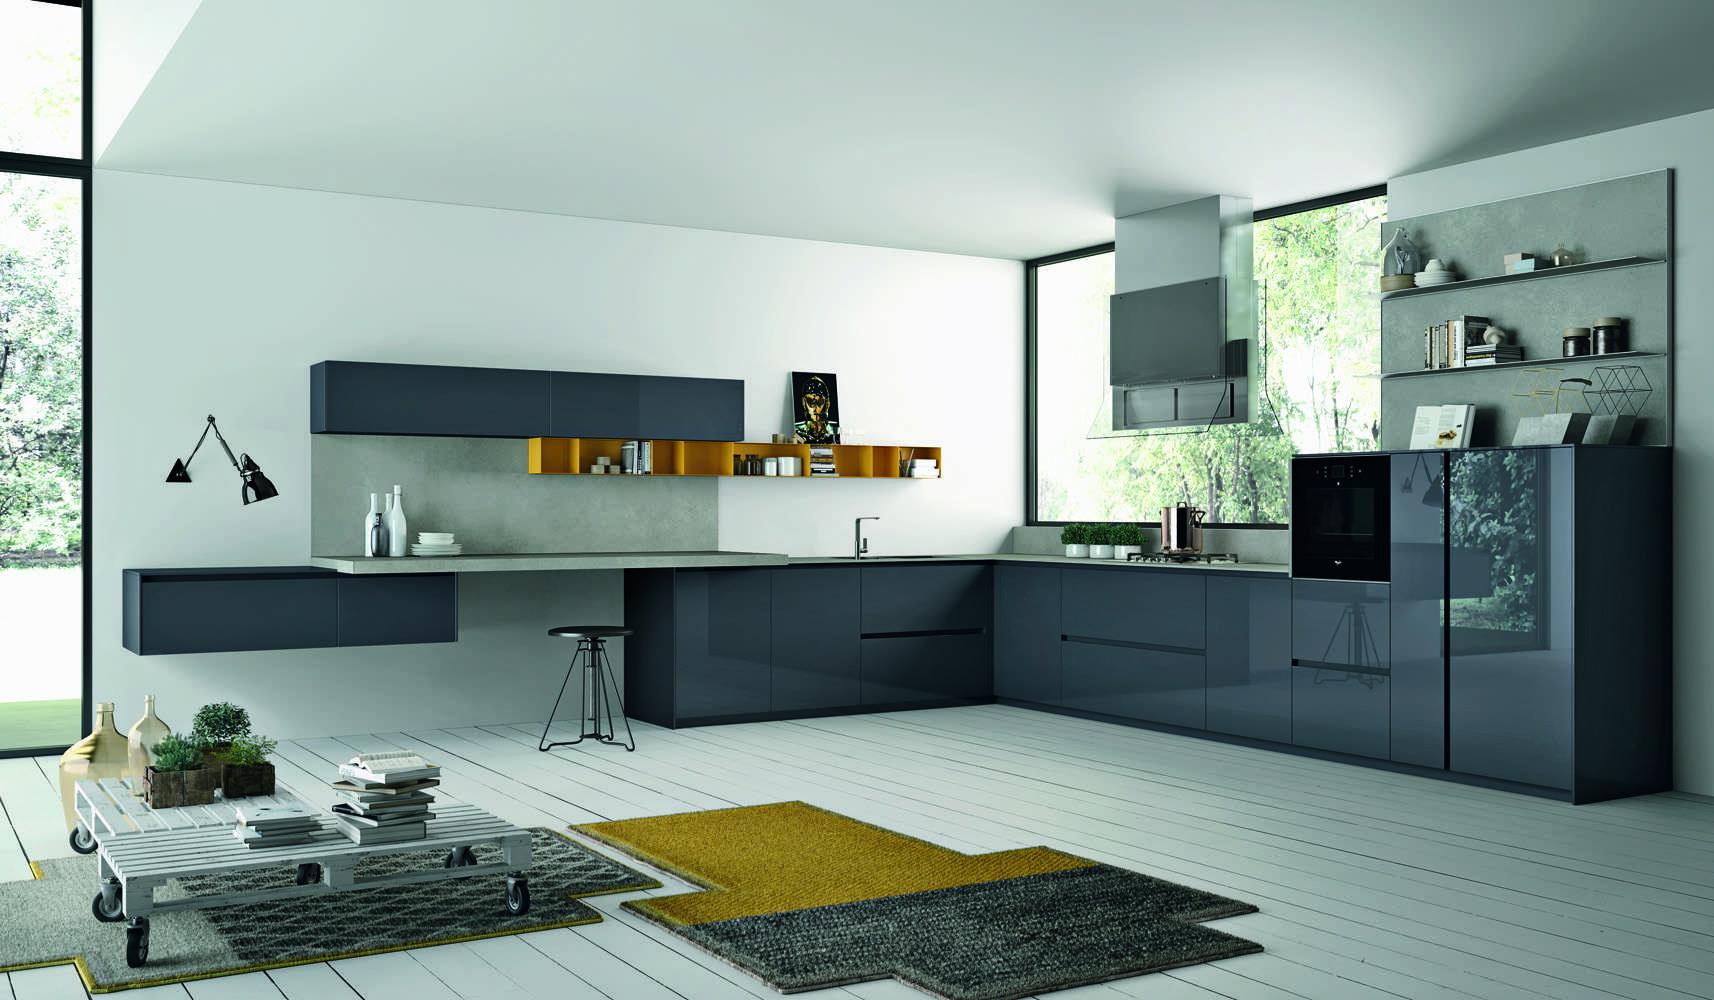 Arredamento e mobili per cucine a trento metrocubo for Arredamento trento